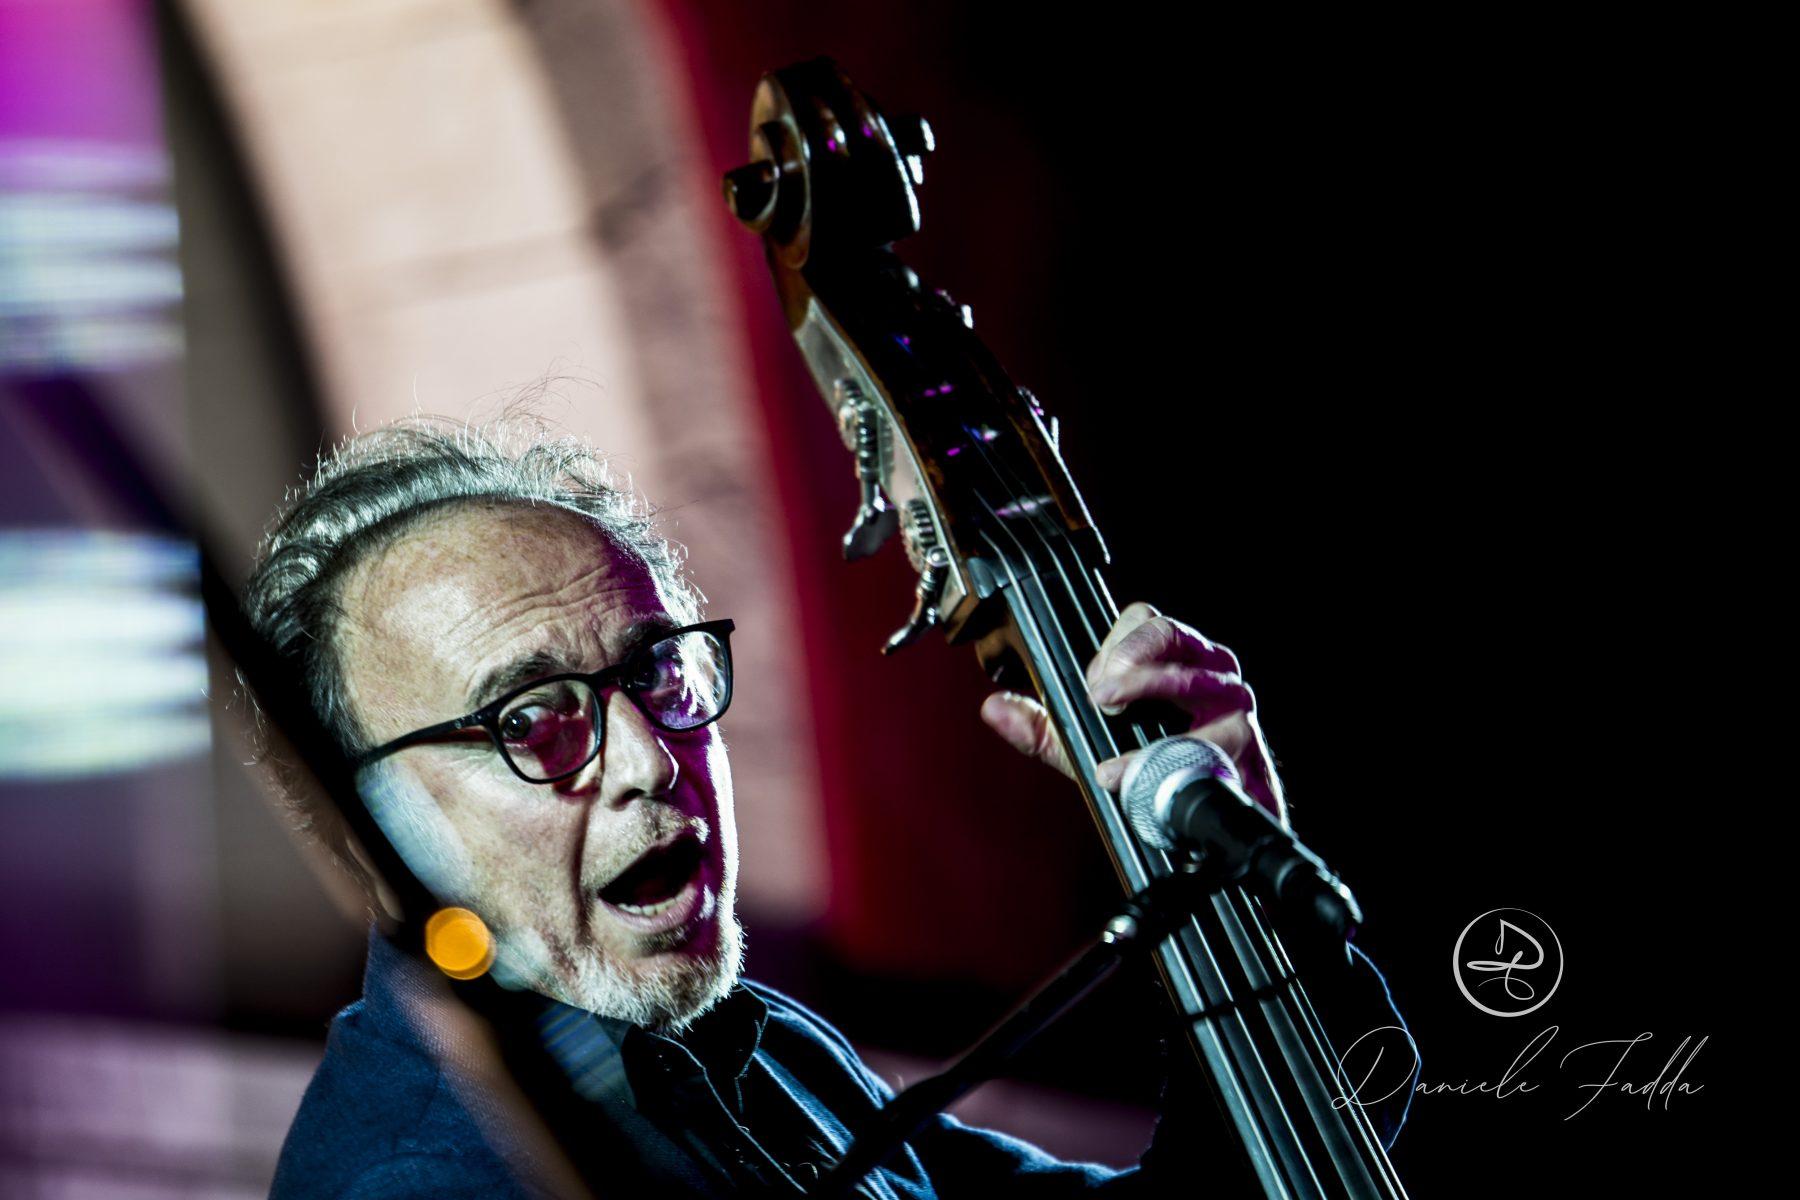 Forma e Poesia nel Jazz - Daniele Fadda - Stefano Di Battista Quartet - report - 2019 - Simone La Croce - Luca Garau - Sa Scena Sarda